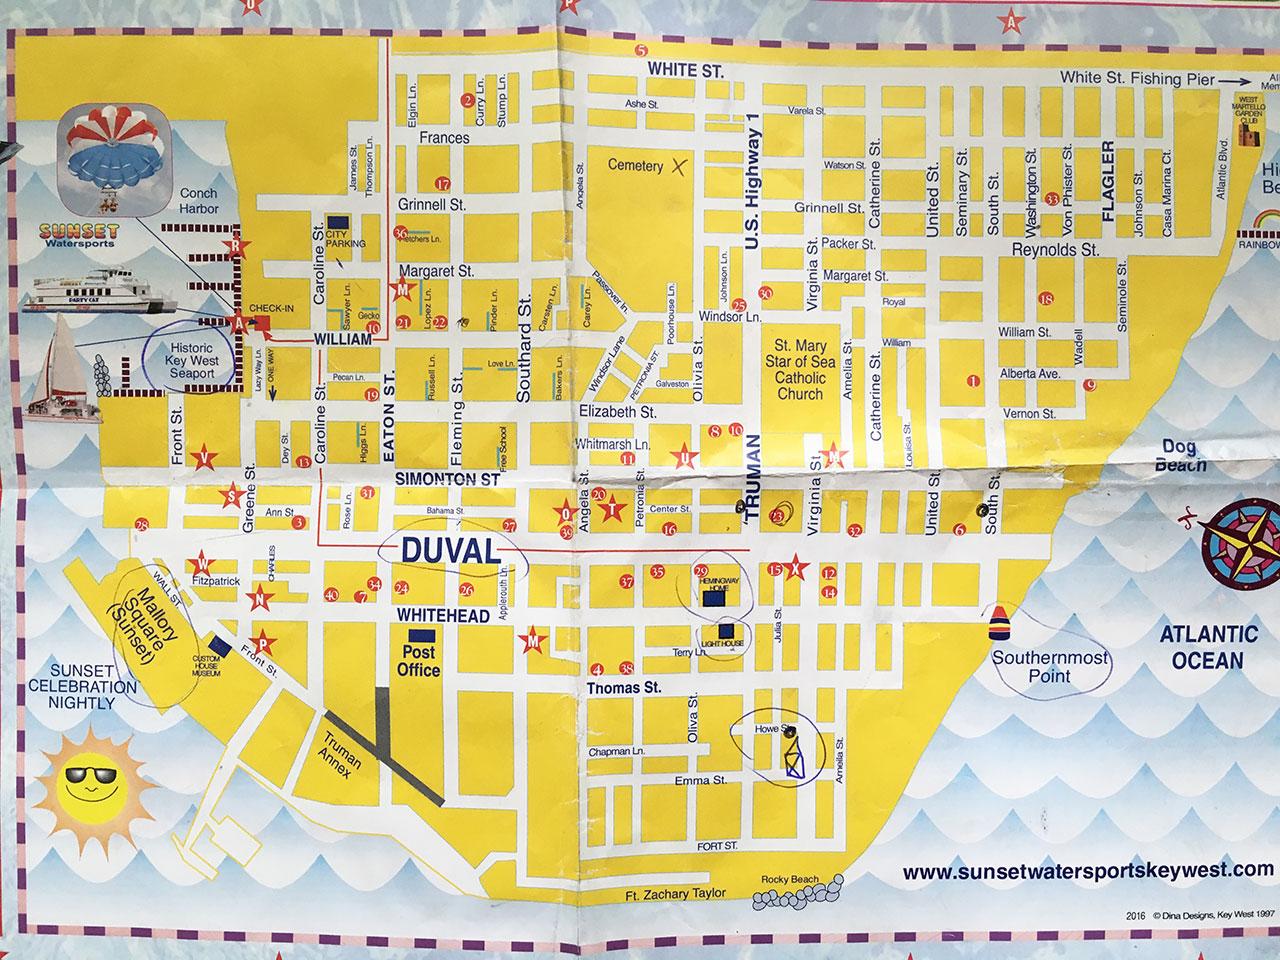 Sehenswürdigkeiten Großbritannien Karte.Key West Sehenswürdigkeiten Mit Tipps Reisebericht